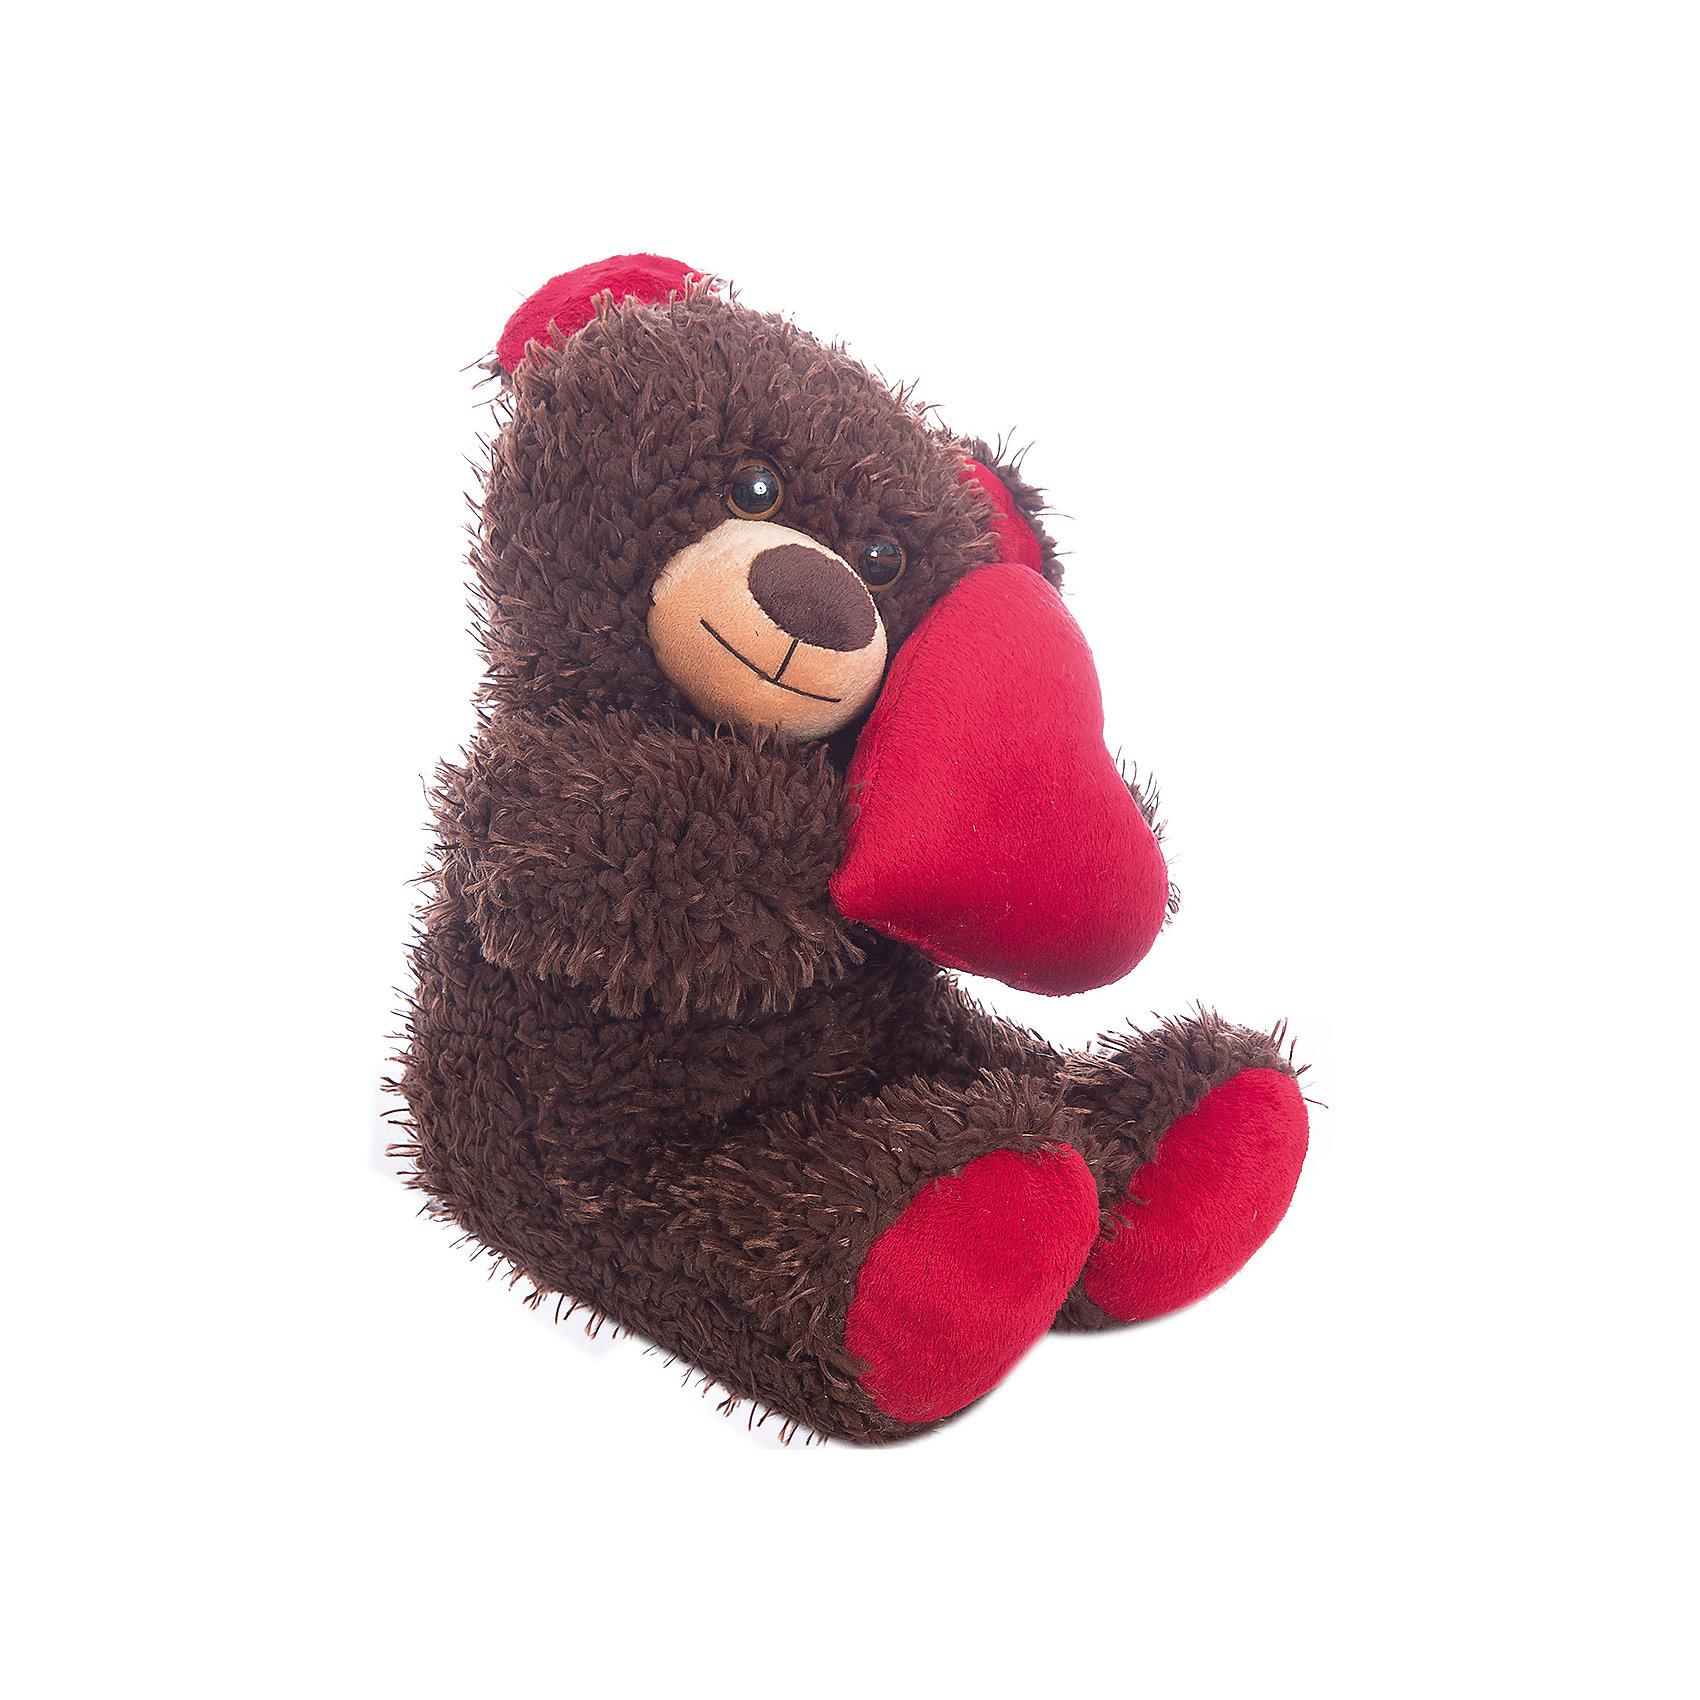 Мягкая игрушка Медвежонок Чиба с сердцем, FancyМедвежата<br>Характеристики:<br><br>• высота игрушки: 30 см;<br>• тип игрушки: мягконабивная;<br>• материал: текстиль, синтетический наполнитель. <br><br>Мягкая игрушка медвежонок Чиба считается полноправным покровителем Дня Святого Валентина. Огромное сердце, которое малыш держит в лапках, станет самым ярким доказательством вашей любви. Медвежонок Чиба – все понятно без слов! <br><br>Мягкую игрушку Медвежонок Чиба с сердцем, Fancy можно купить в нашем магазине.<br><br>Ширина мм: 210<br>Глубина мм: 170<br>Высота мм: 280<br>Вес г: 270<br>Возраст от месяцев: 36<br>Возраст до месяцев: 2147483647<br>Пол: Женский<br>Возраст: Детский<br>SKU: 5269000